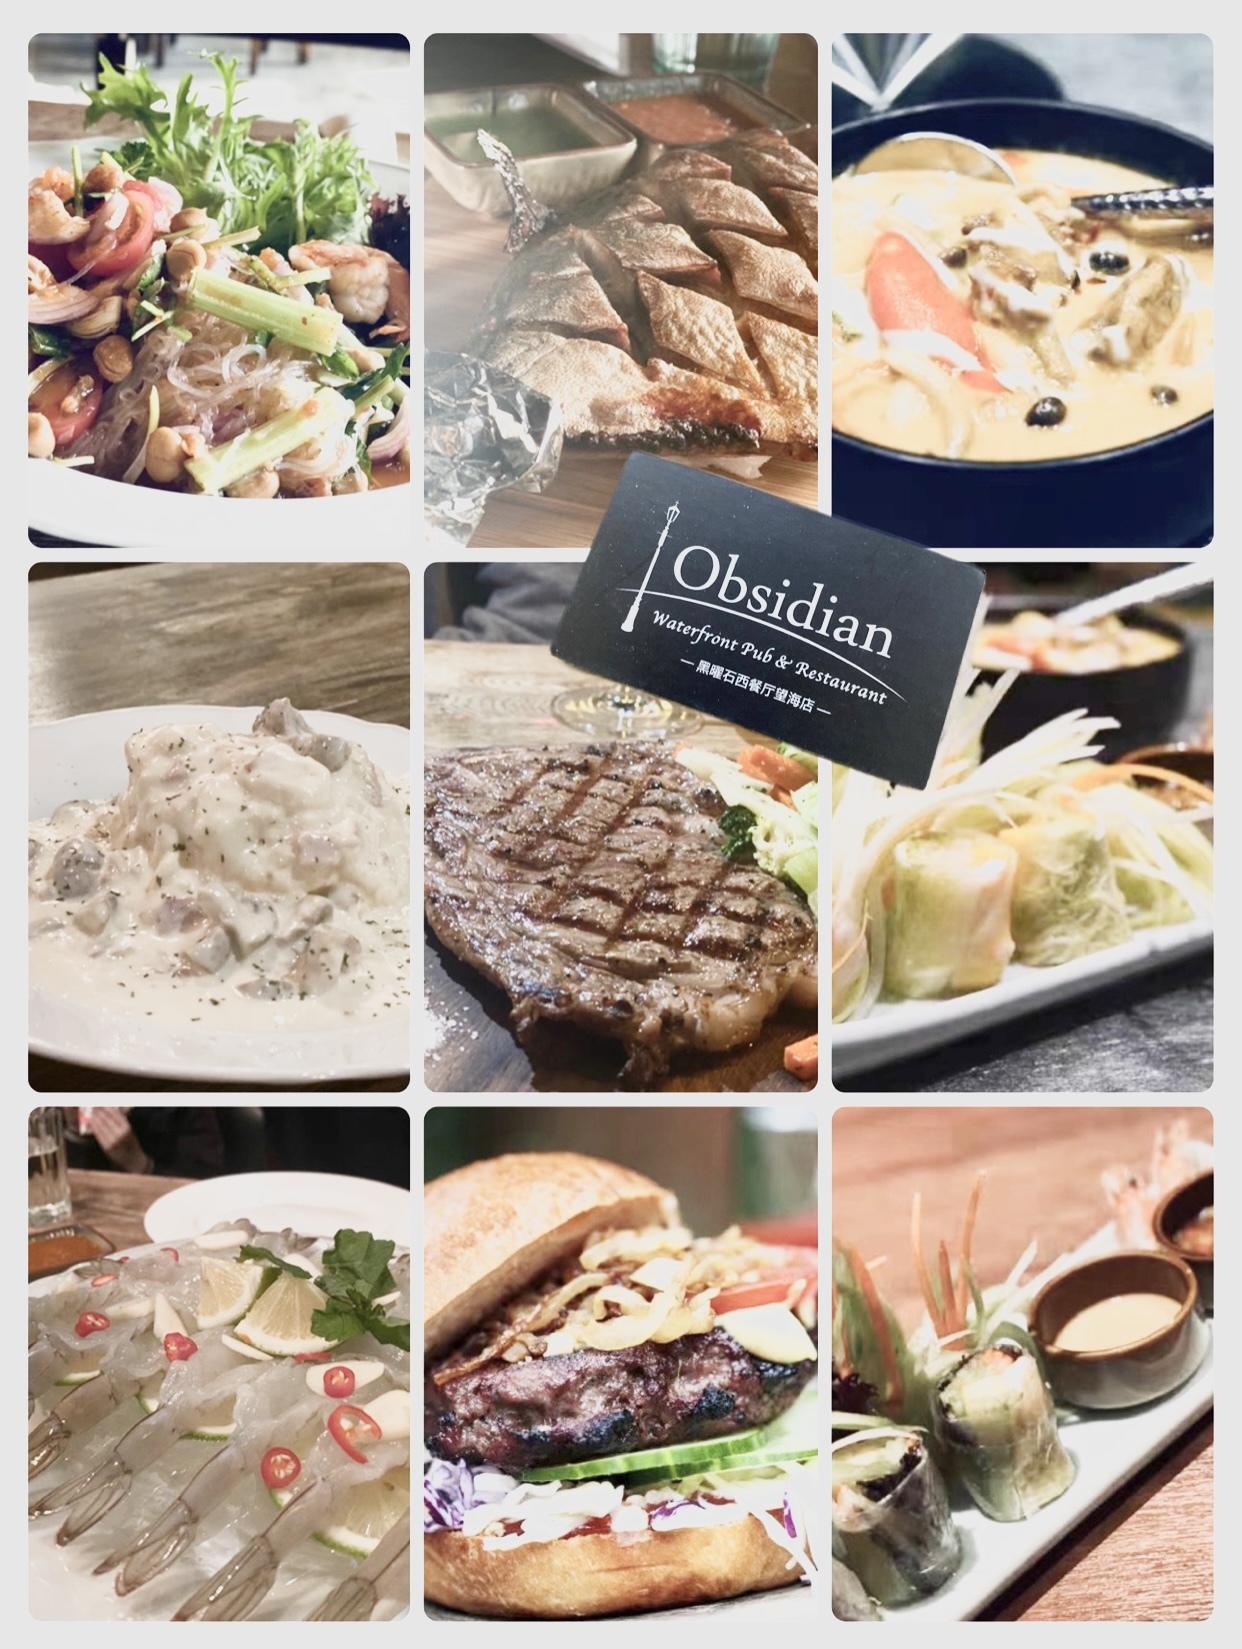 Obsidian | ダイレン(大連)在住大連秀成貿易有限公司(渡辺)さんのおすすめ料理・食べ物